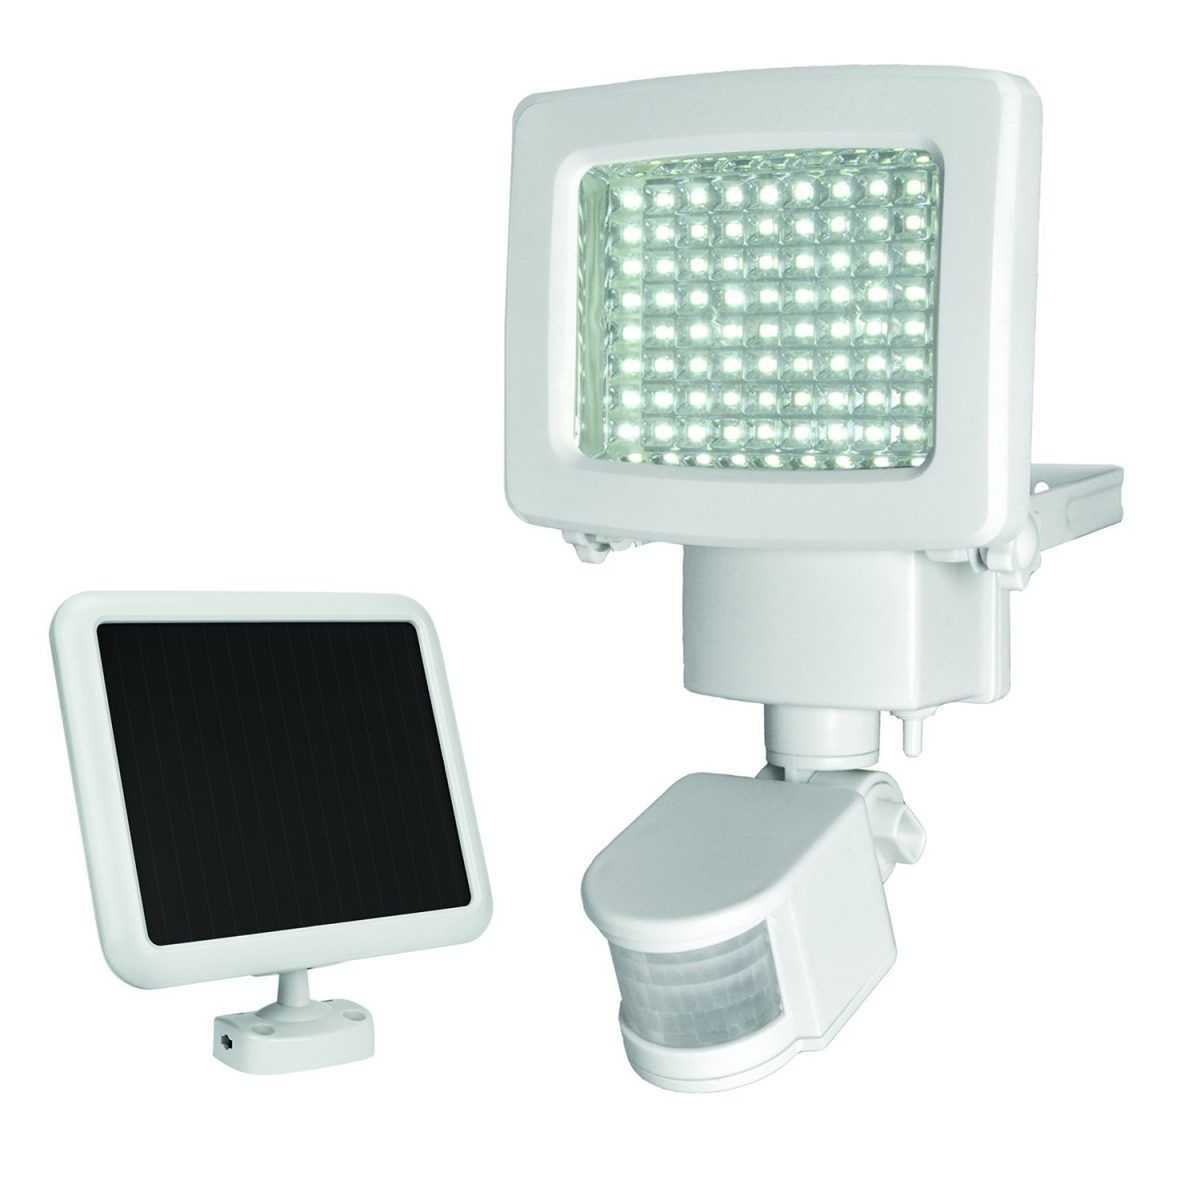 top 5 solar powered outdoor security lights hidden cameras